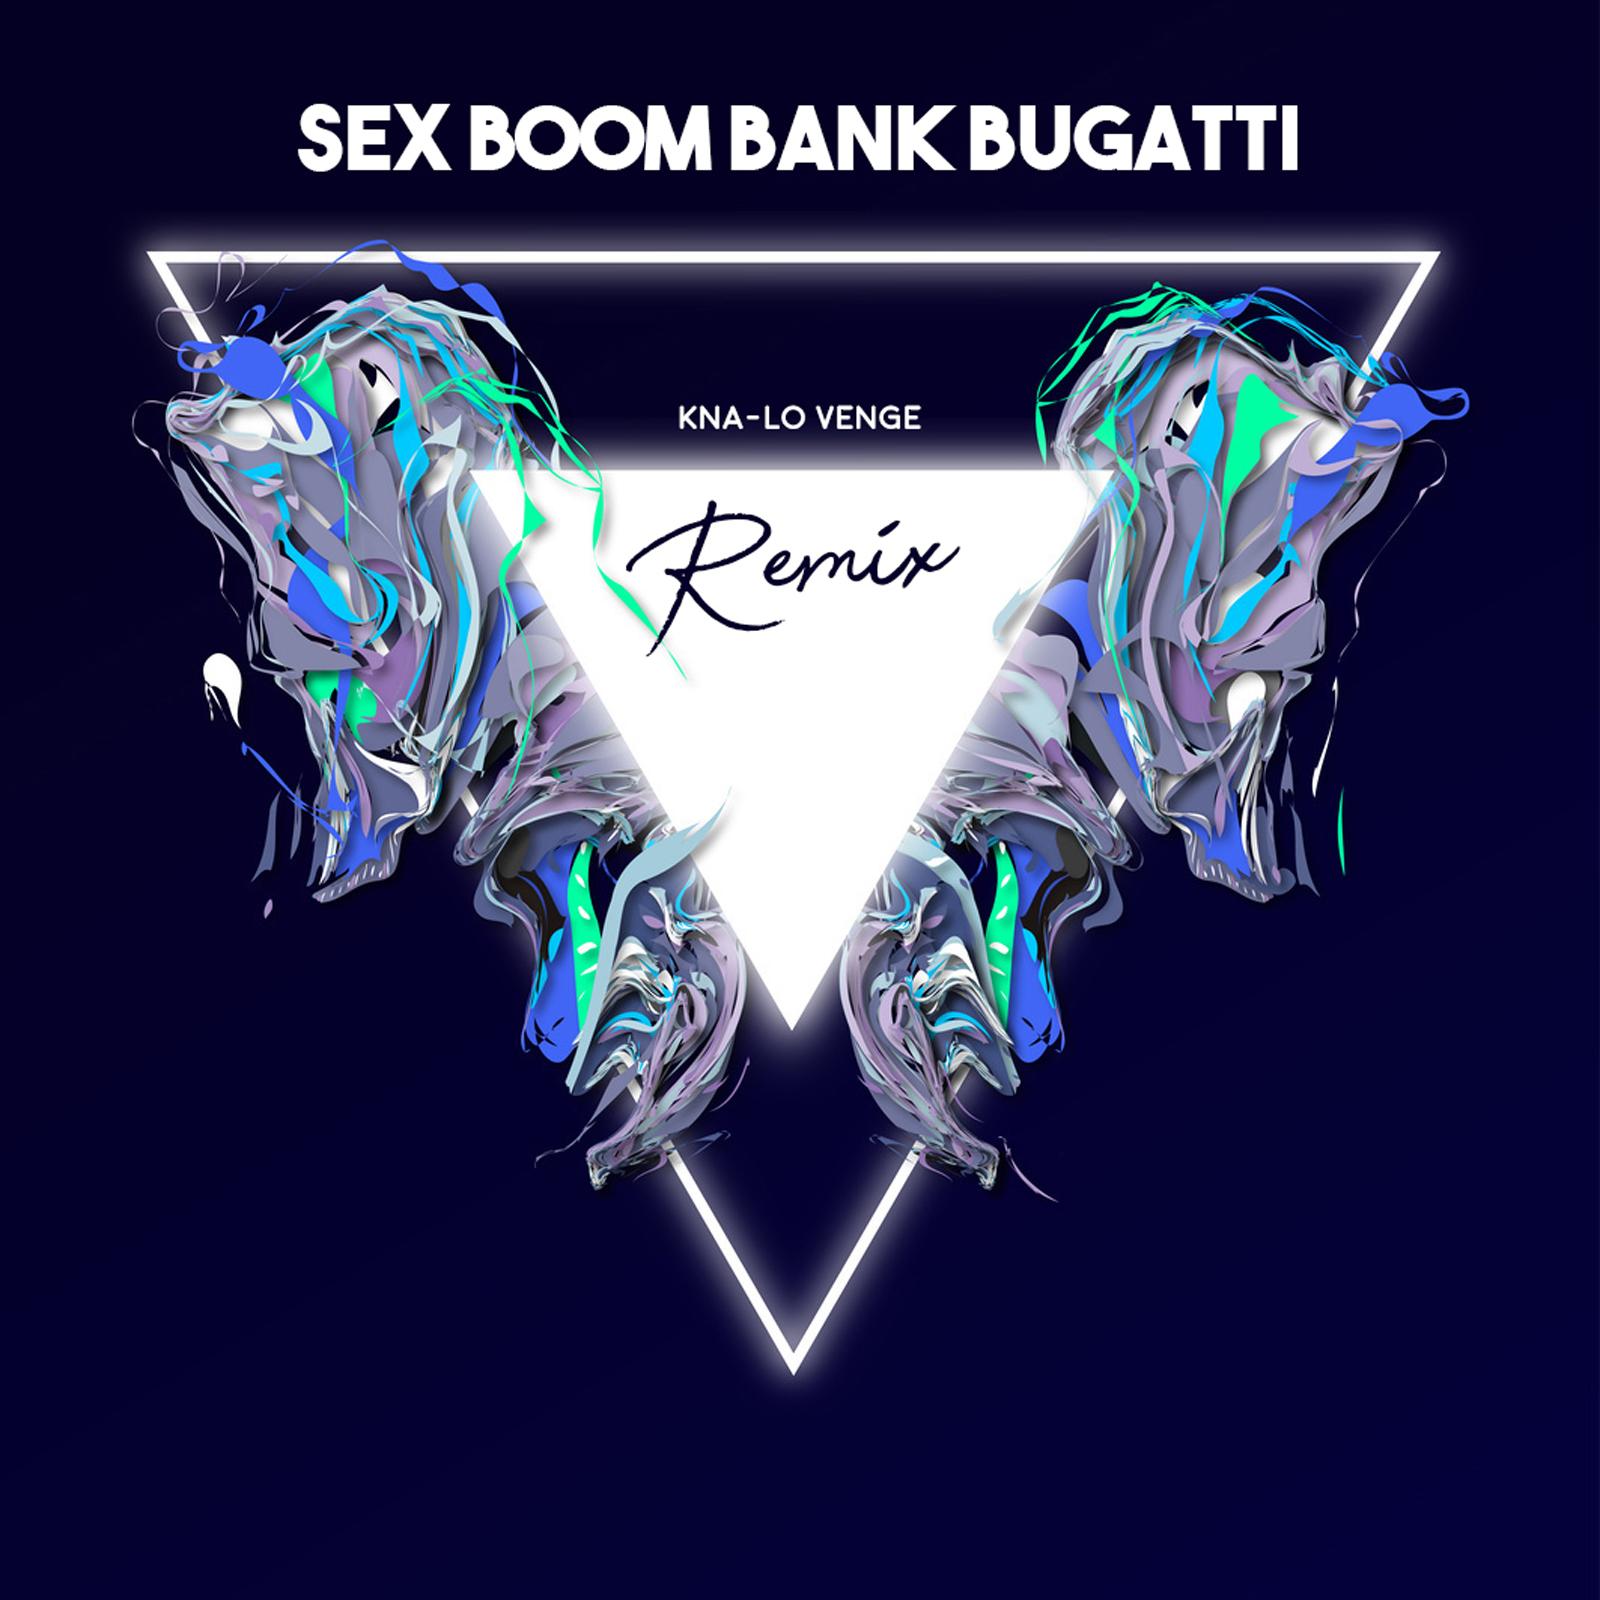 Kna-Lo Venge – Sex Boom Bank Bugatti